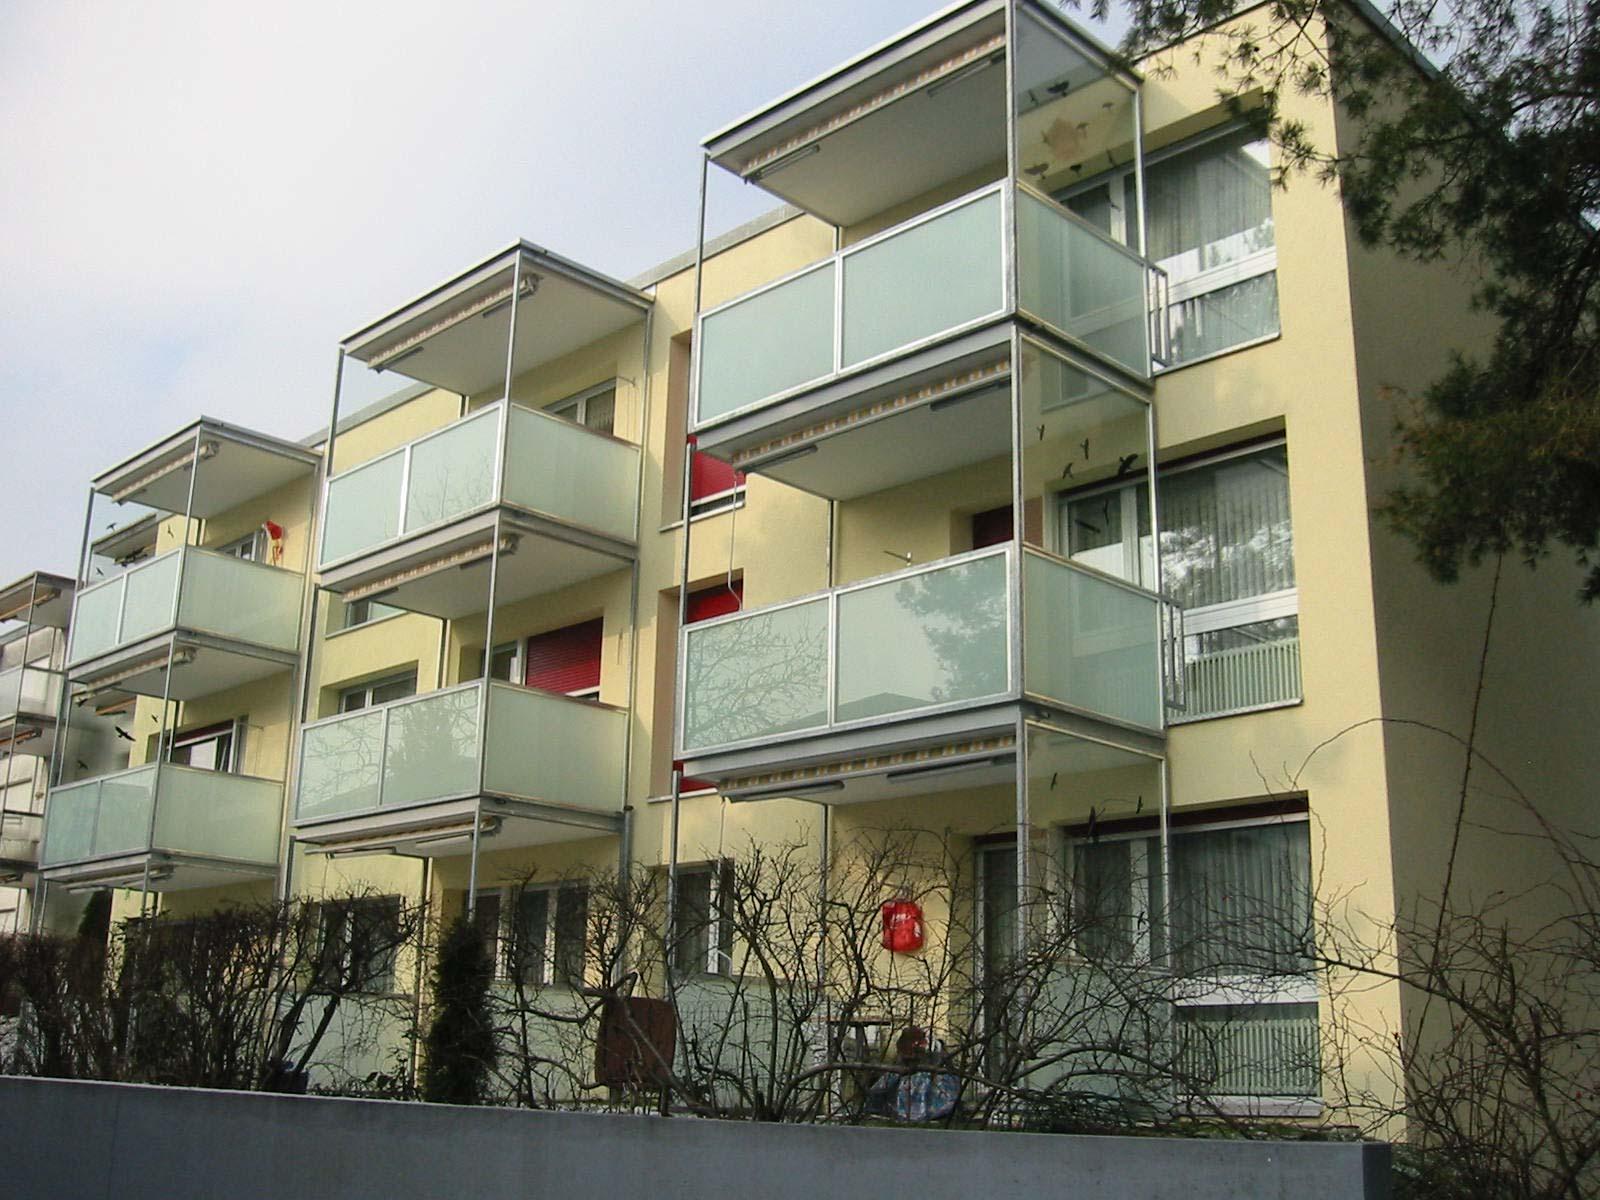 Balkonerweiterung-19